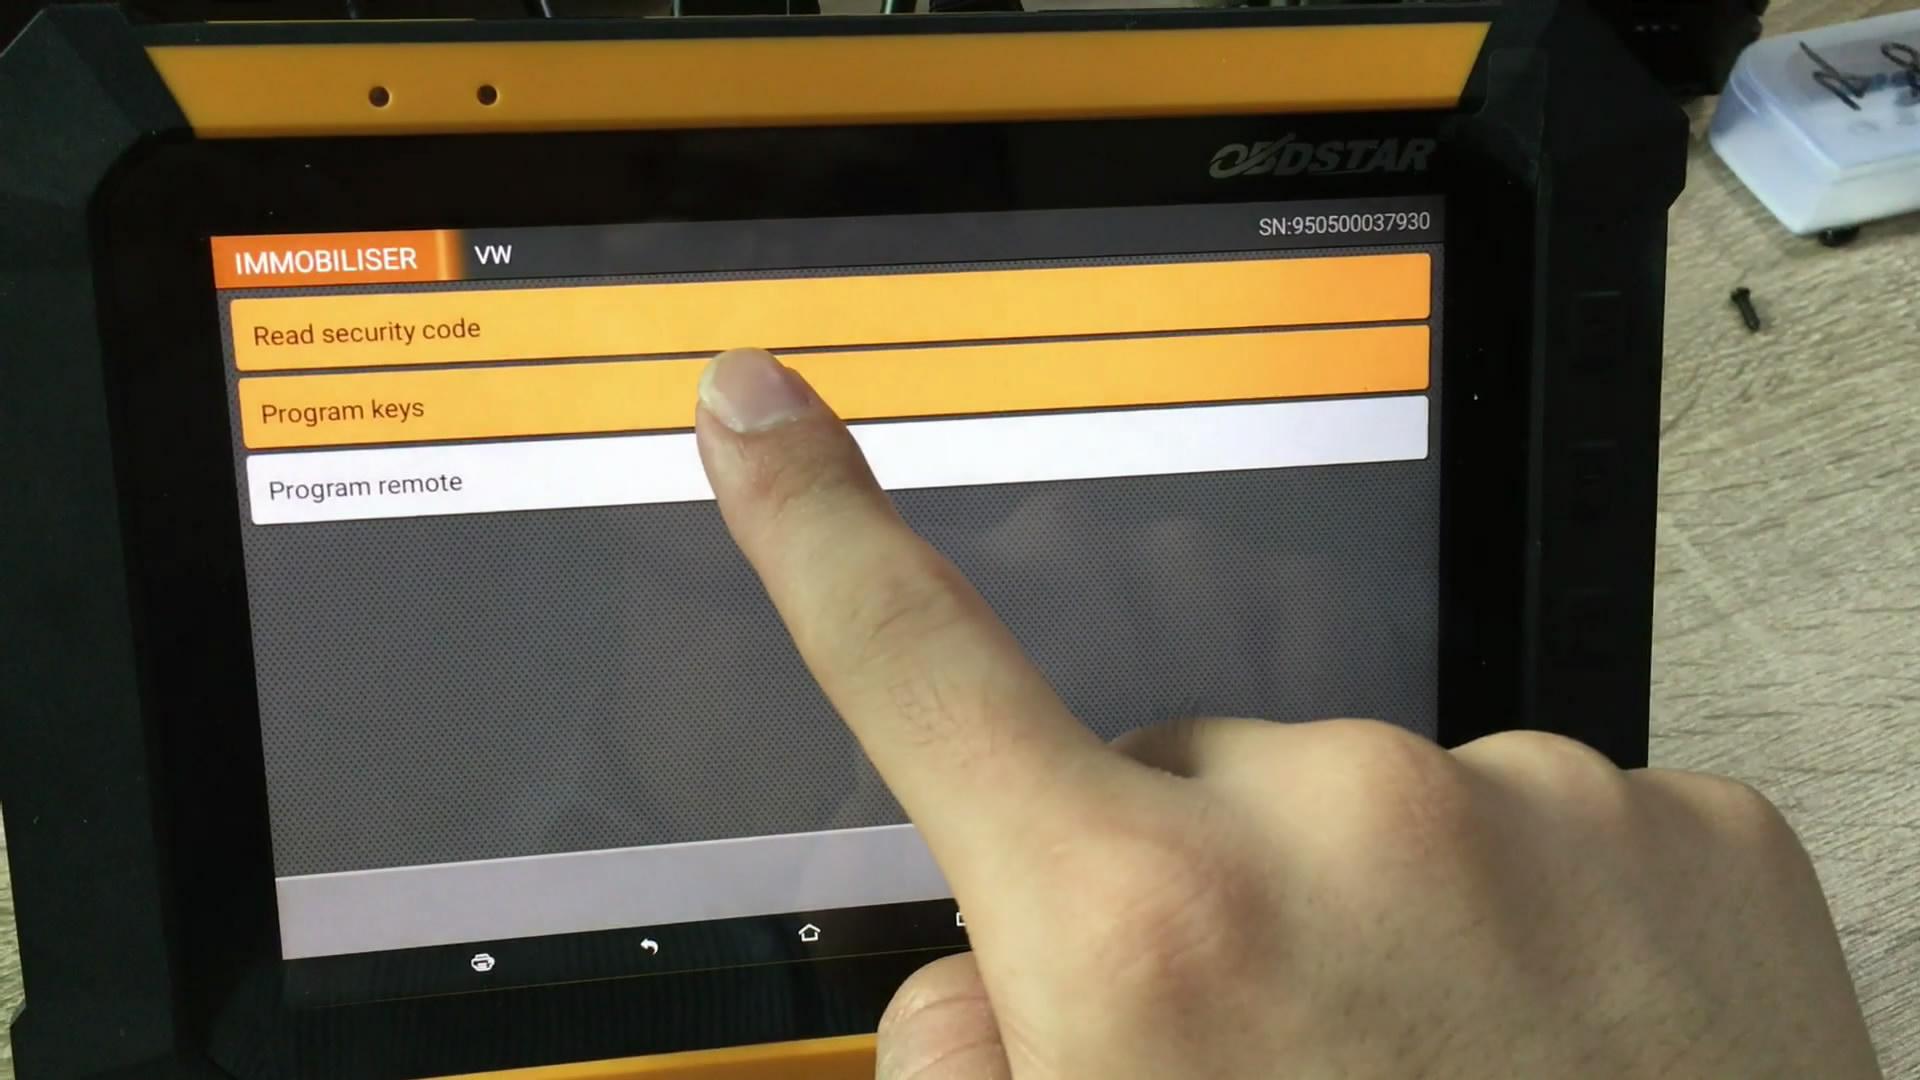 obdstar-rfid-adapter-to-program-key-on-4th-vw-07